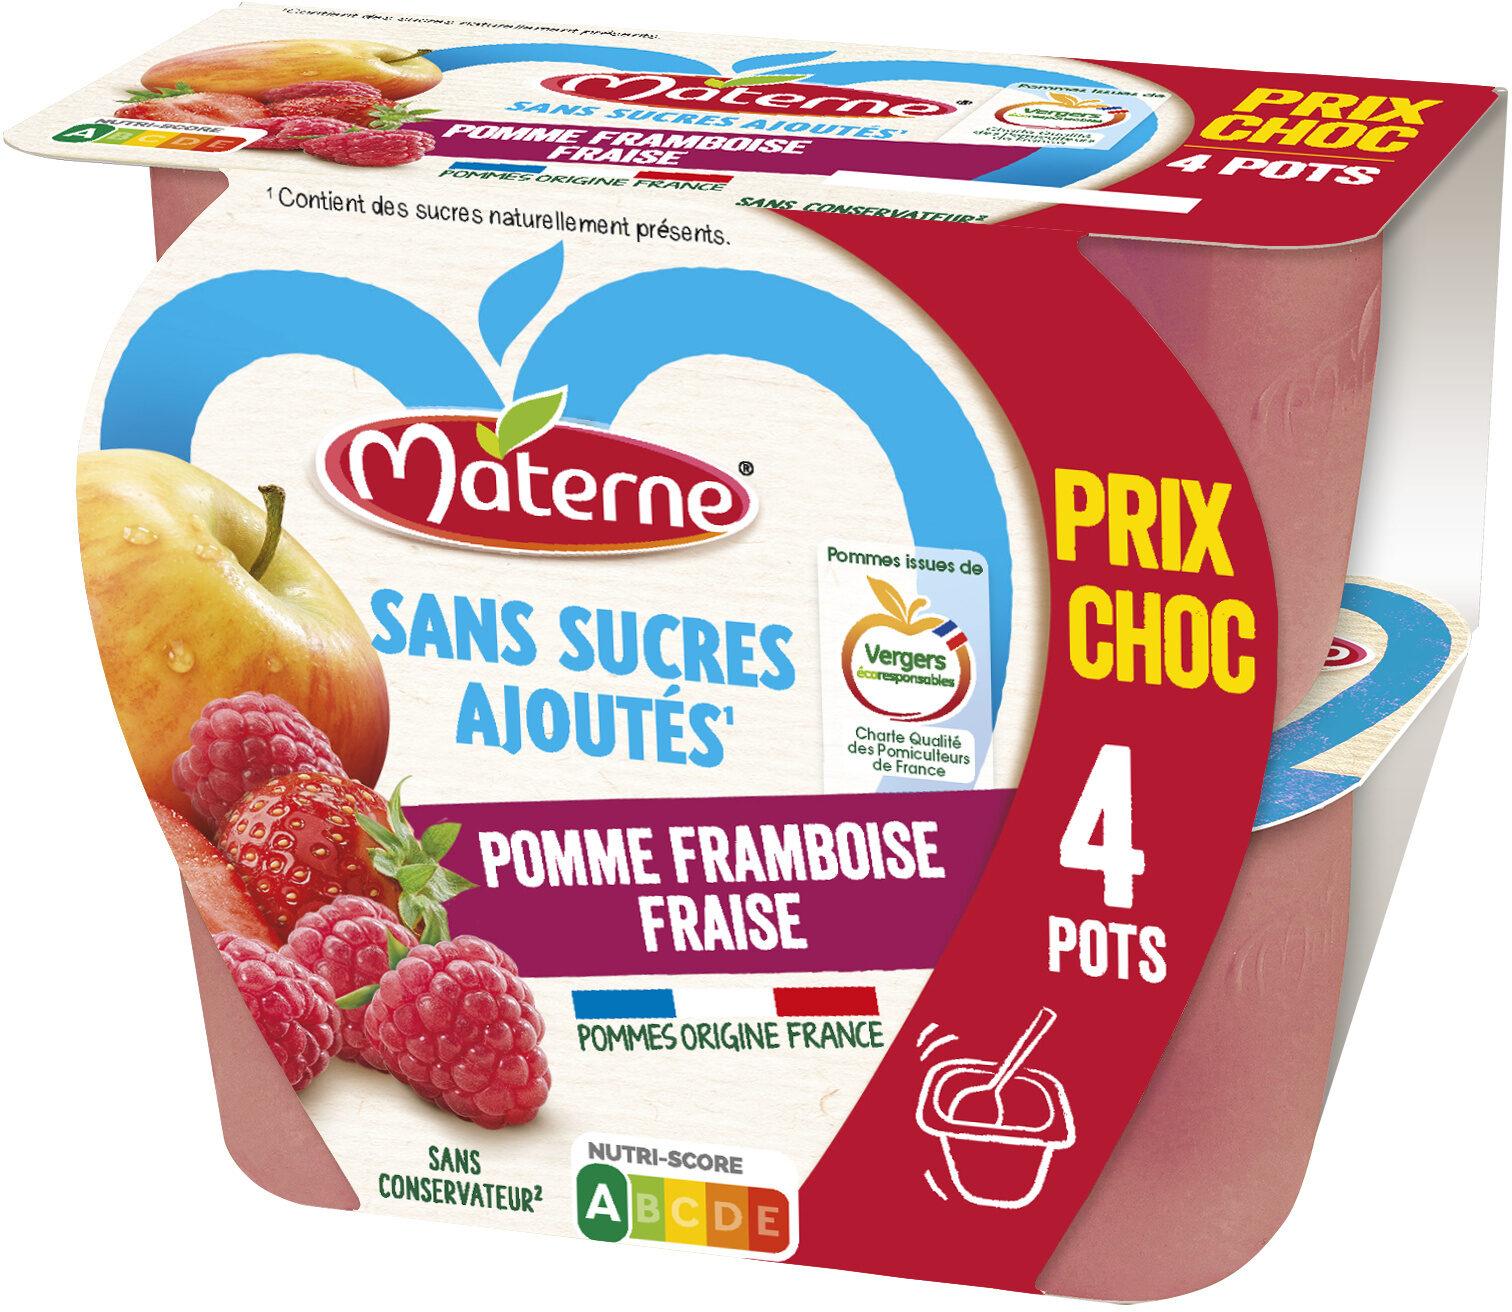 MATERNE SSA Pomme Framboise Fraise 4x100g Prix Choc - Produit - fr